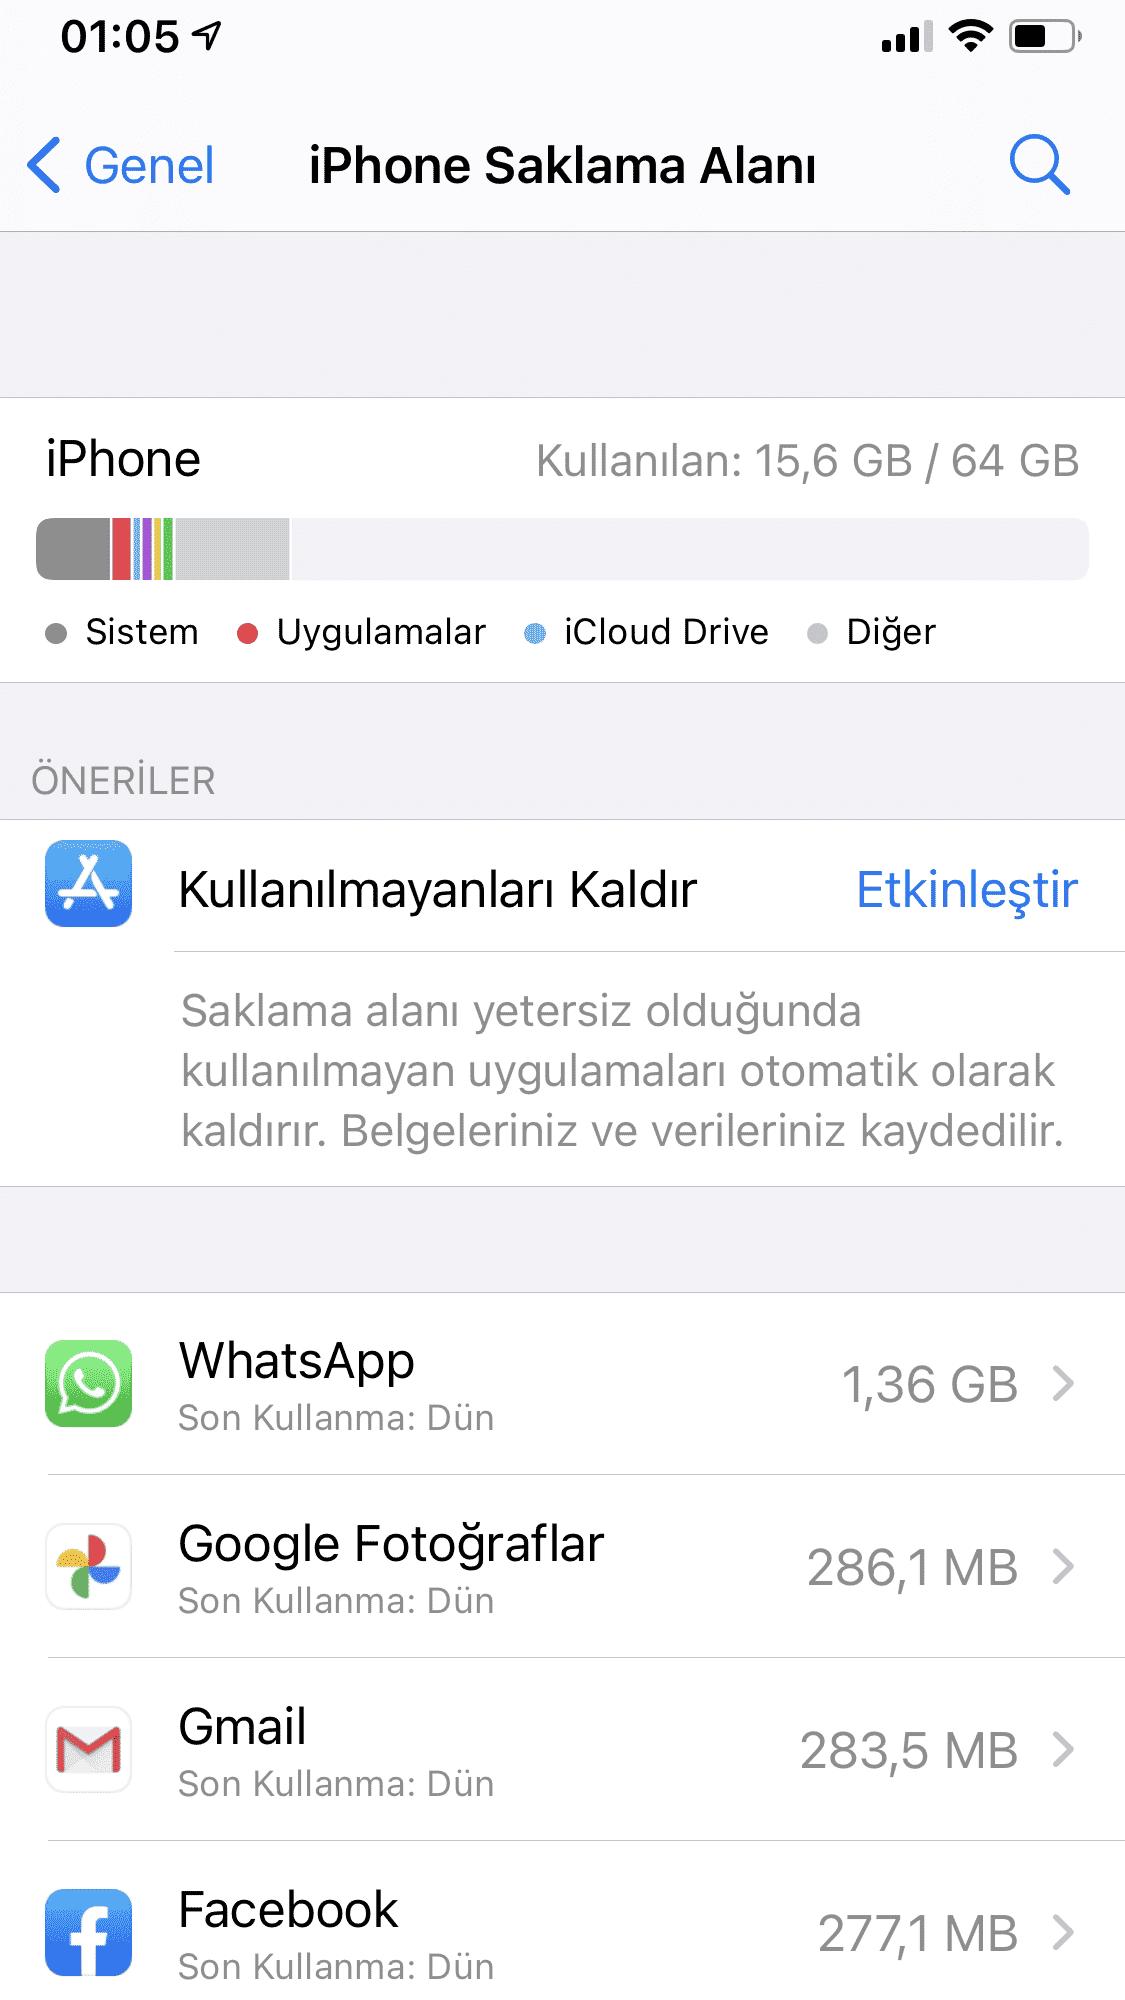 iphoneda yer açmak